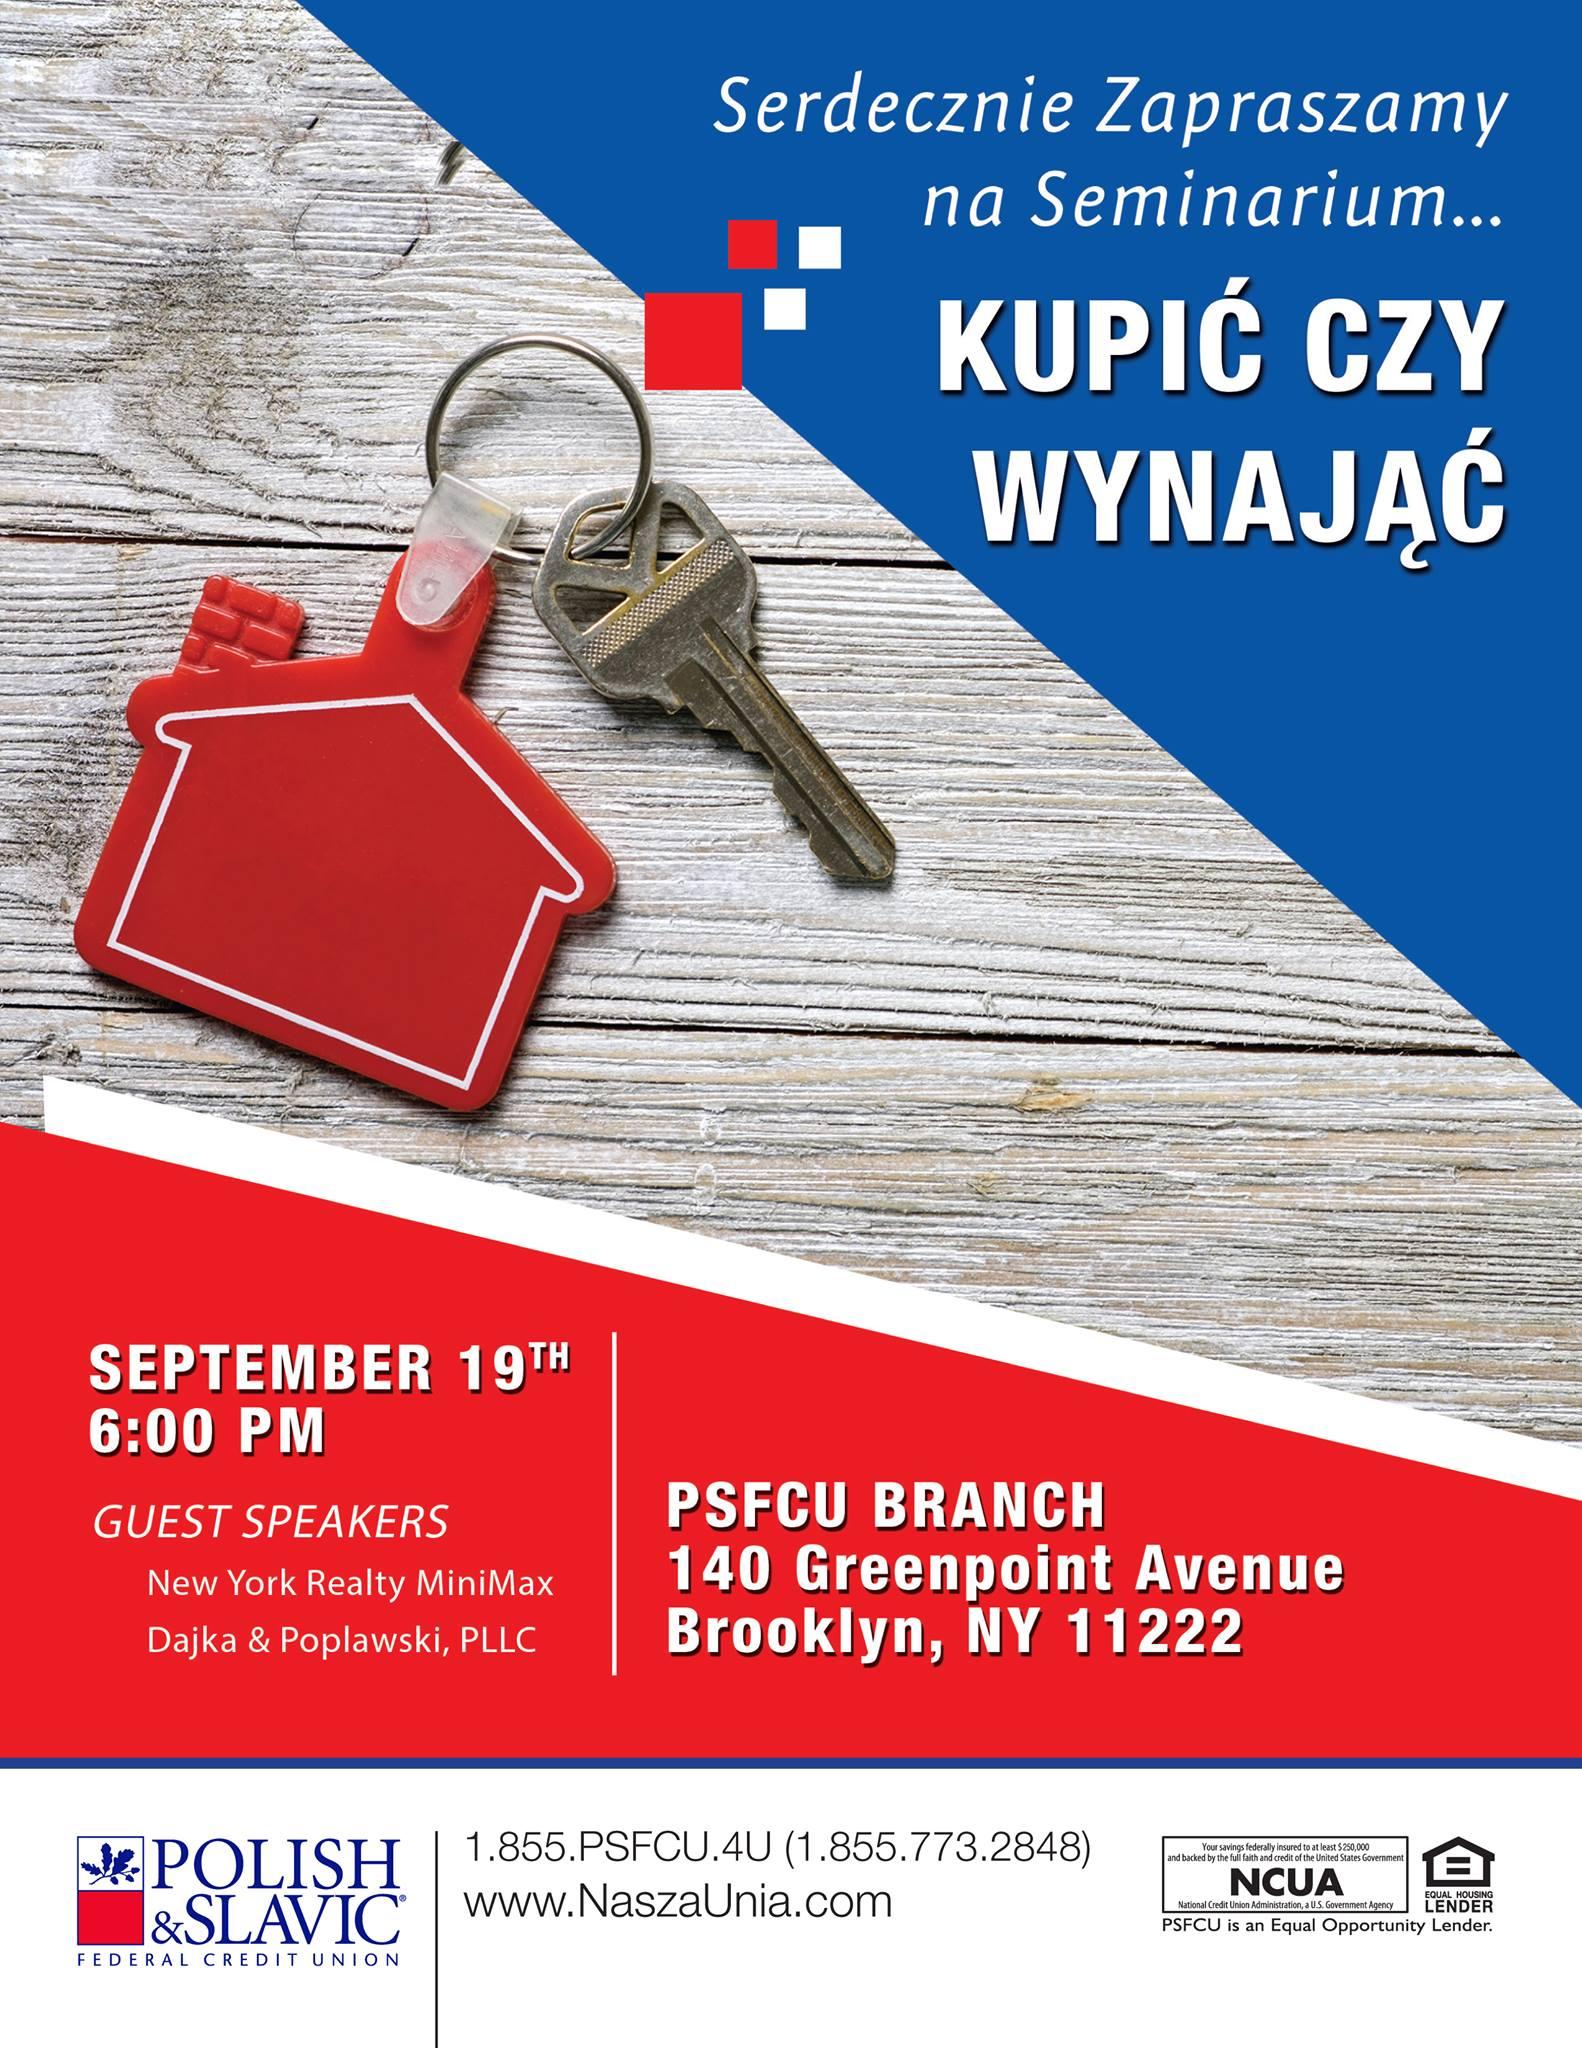 Adwokaci Dajka i Popławski w NY zapraszają na spotkanie na temat nieruchomości